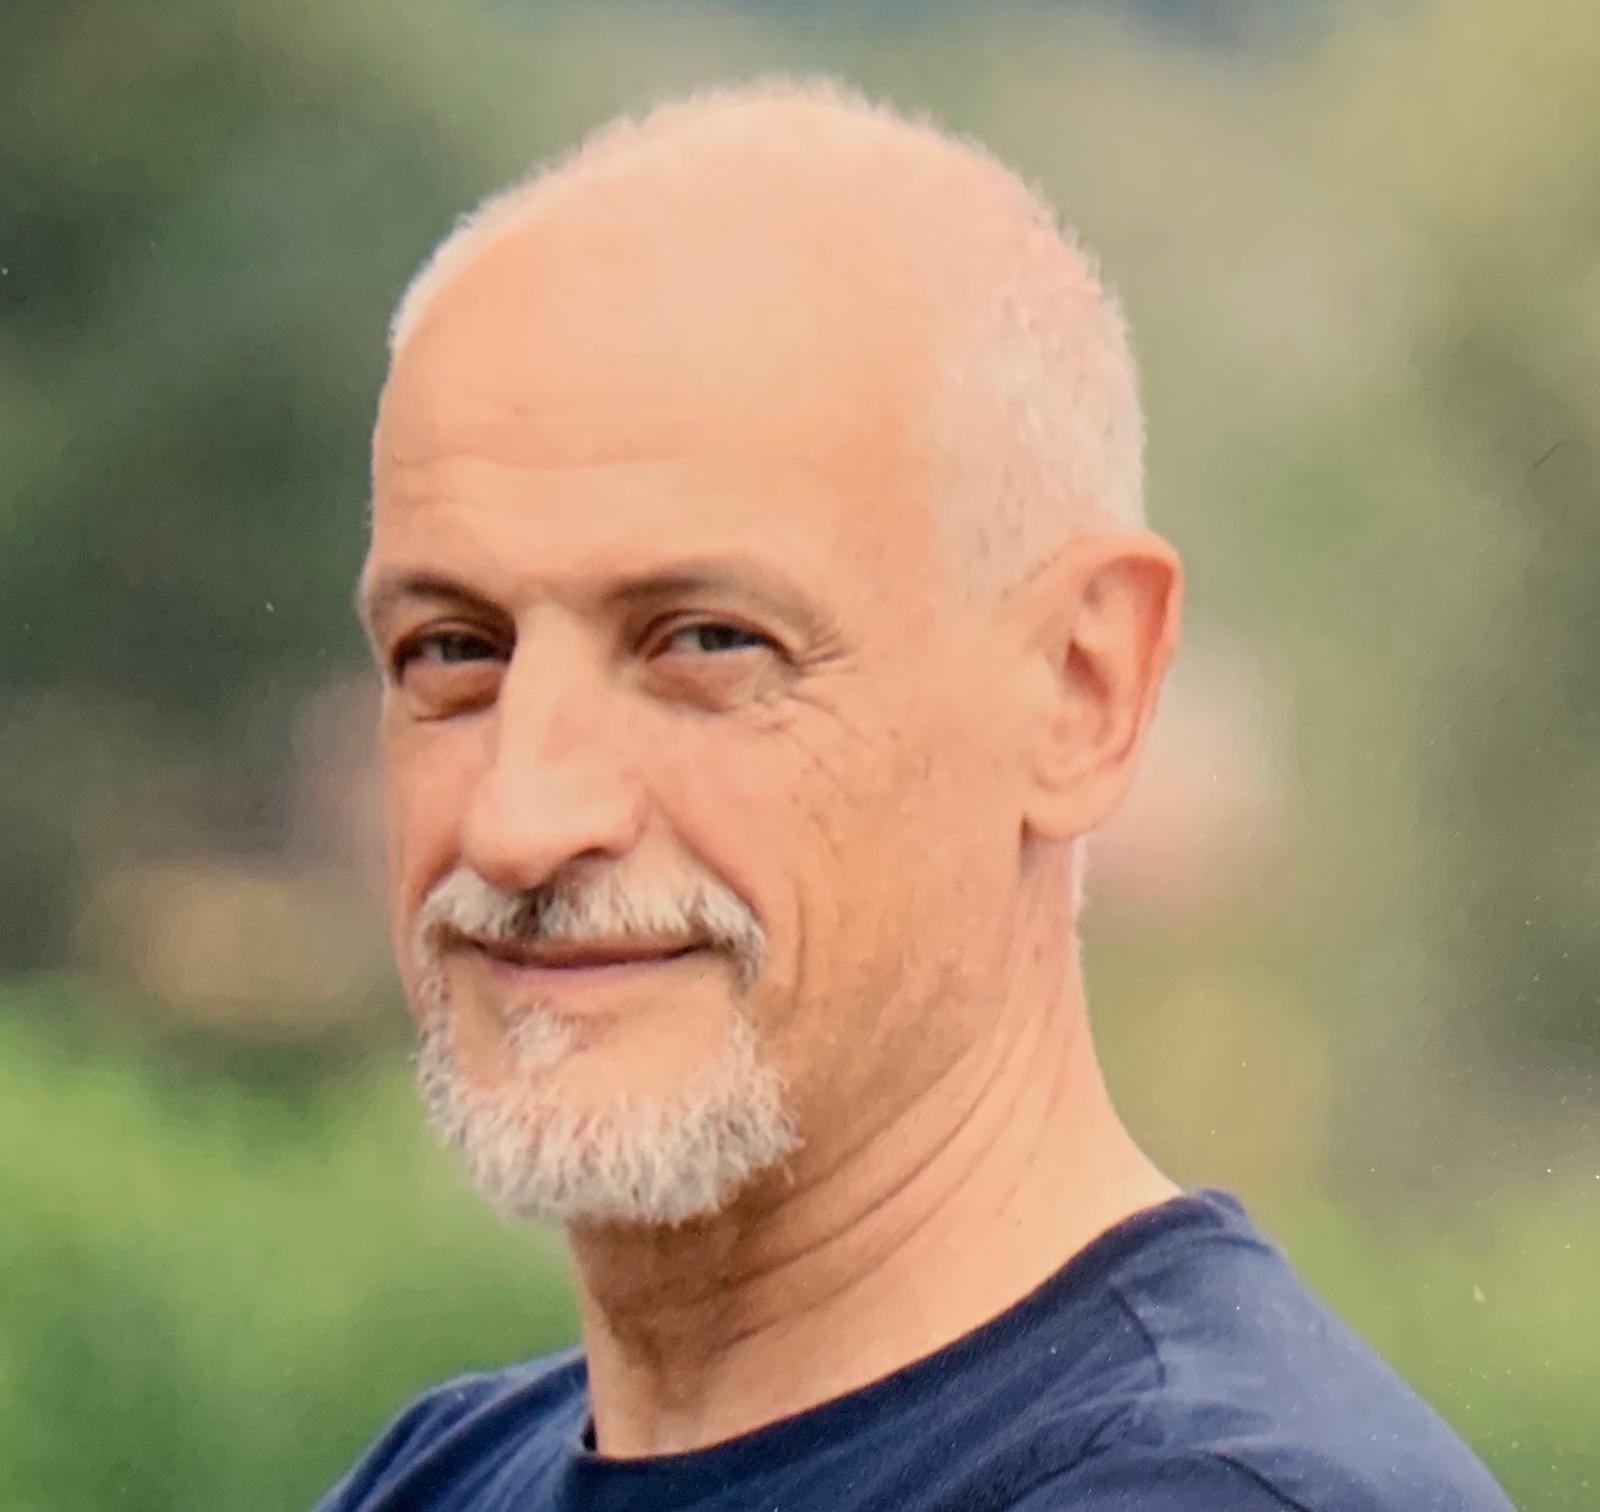 DR. FABIO LETIZIA